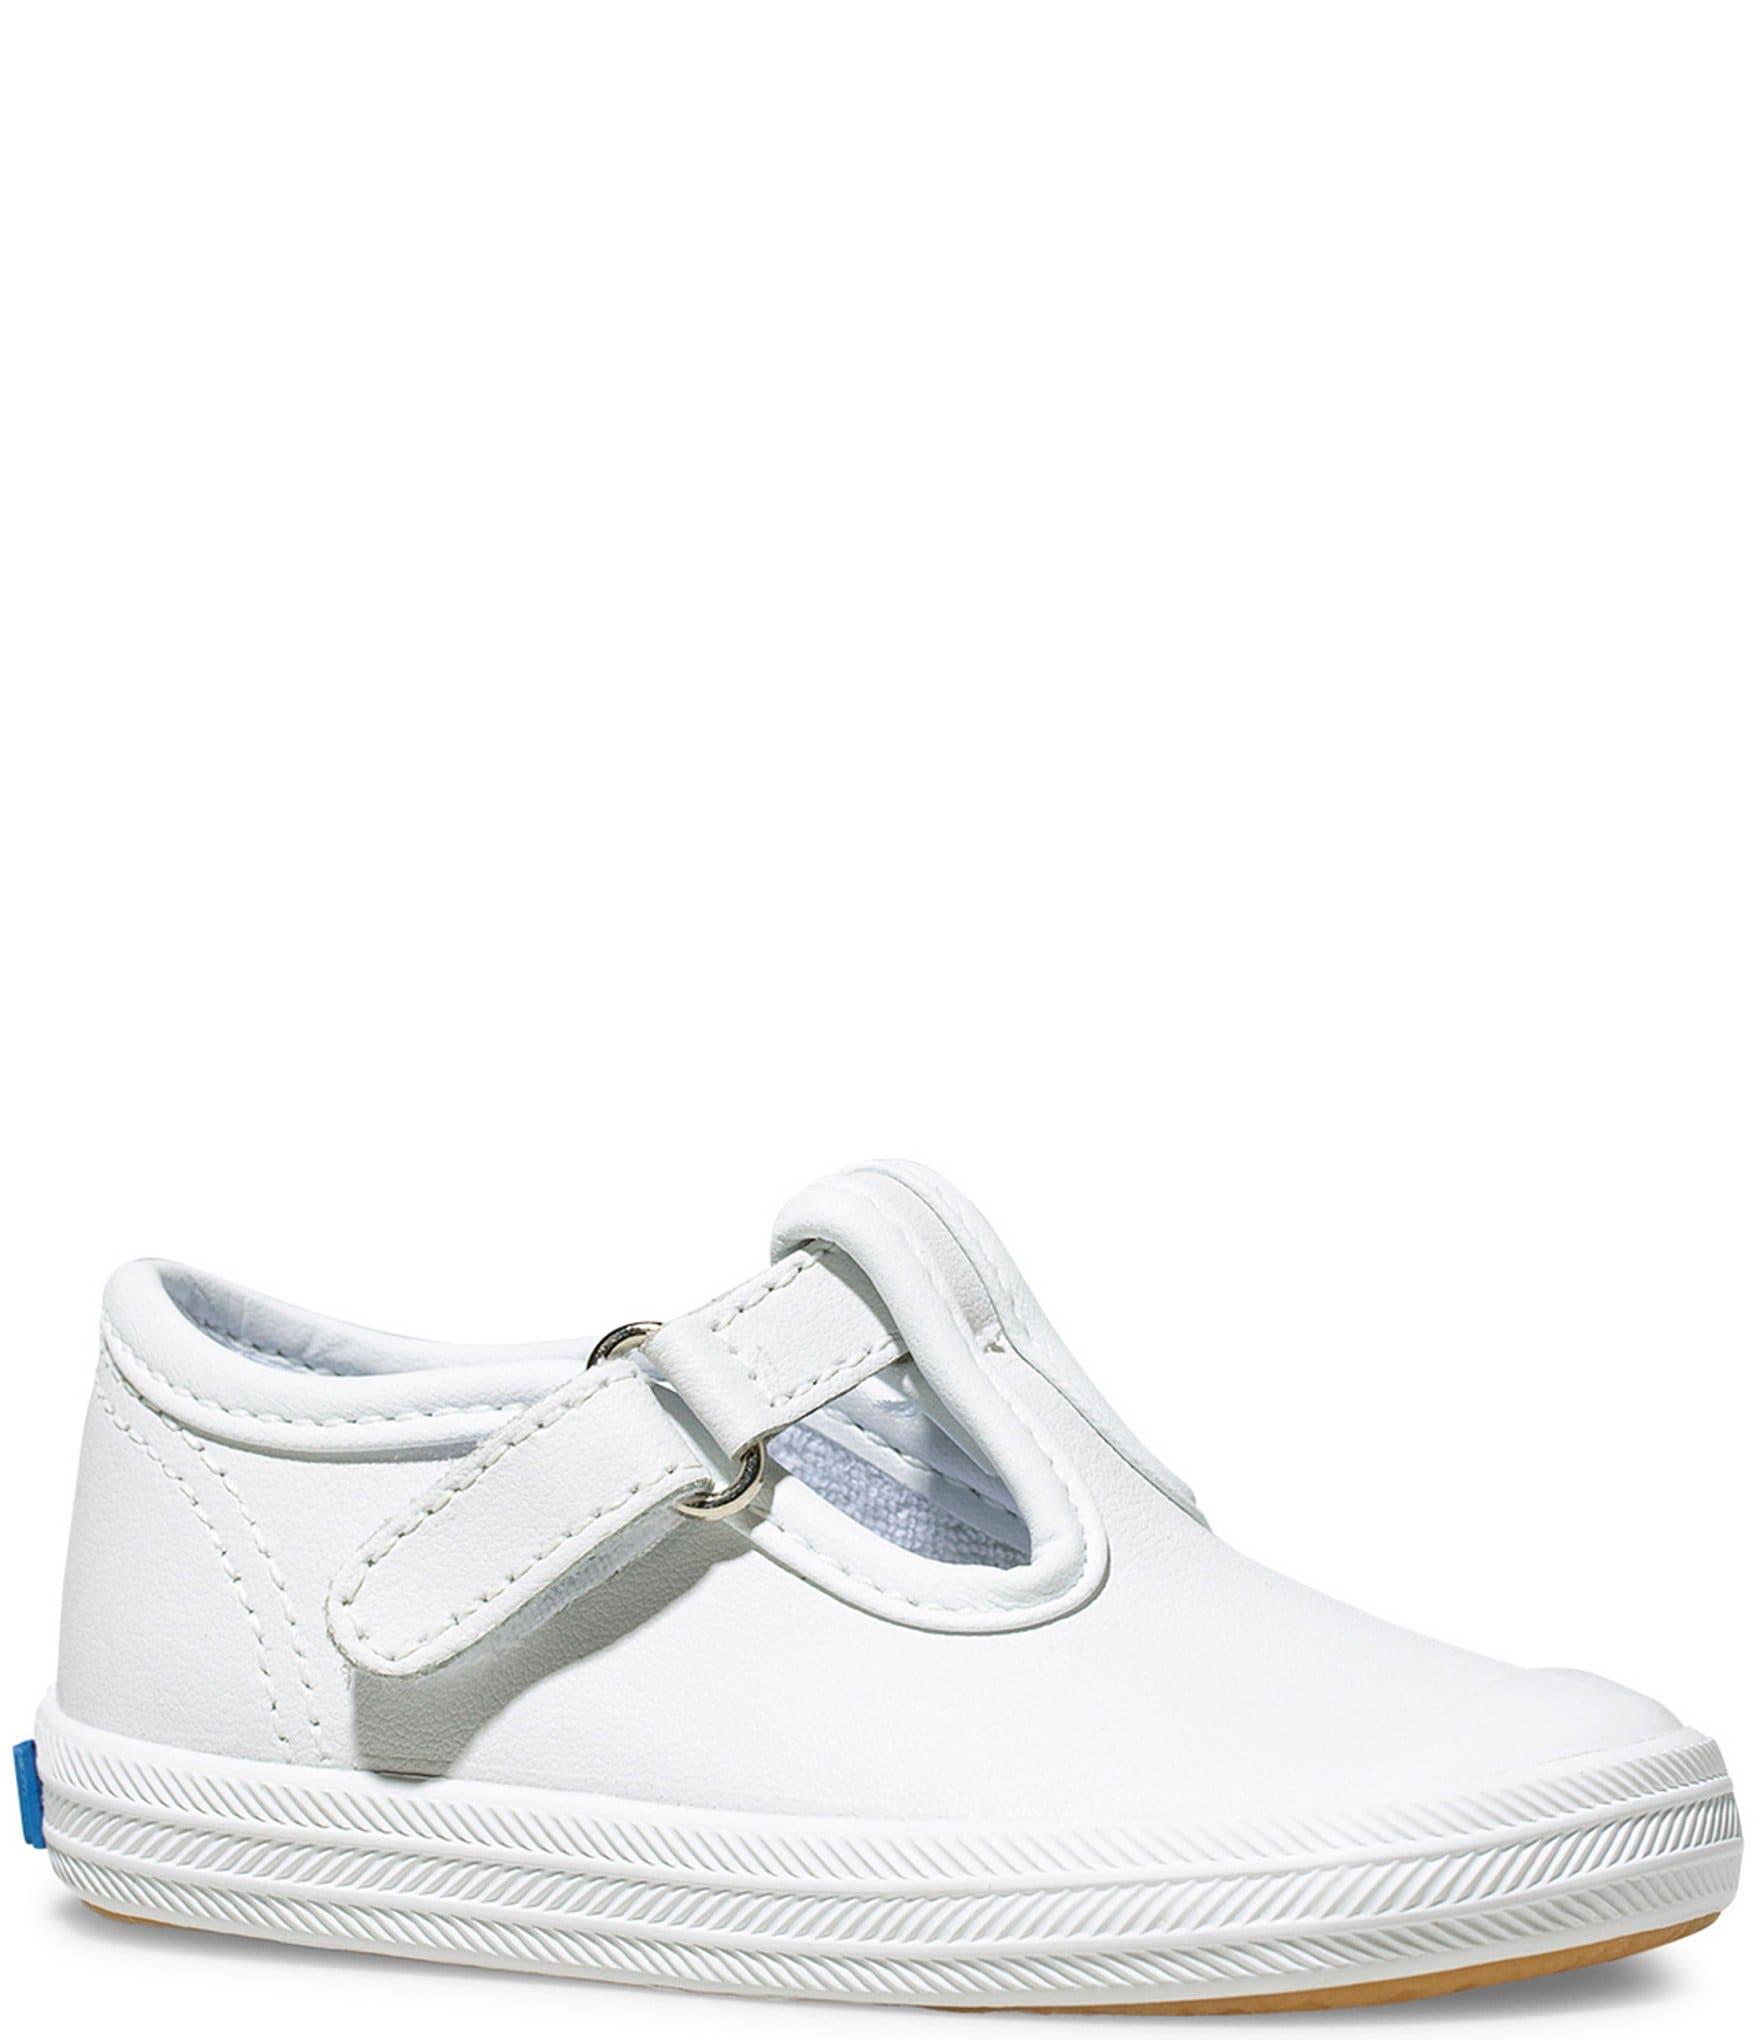 Keds Kids Shoes